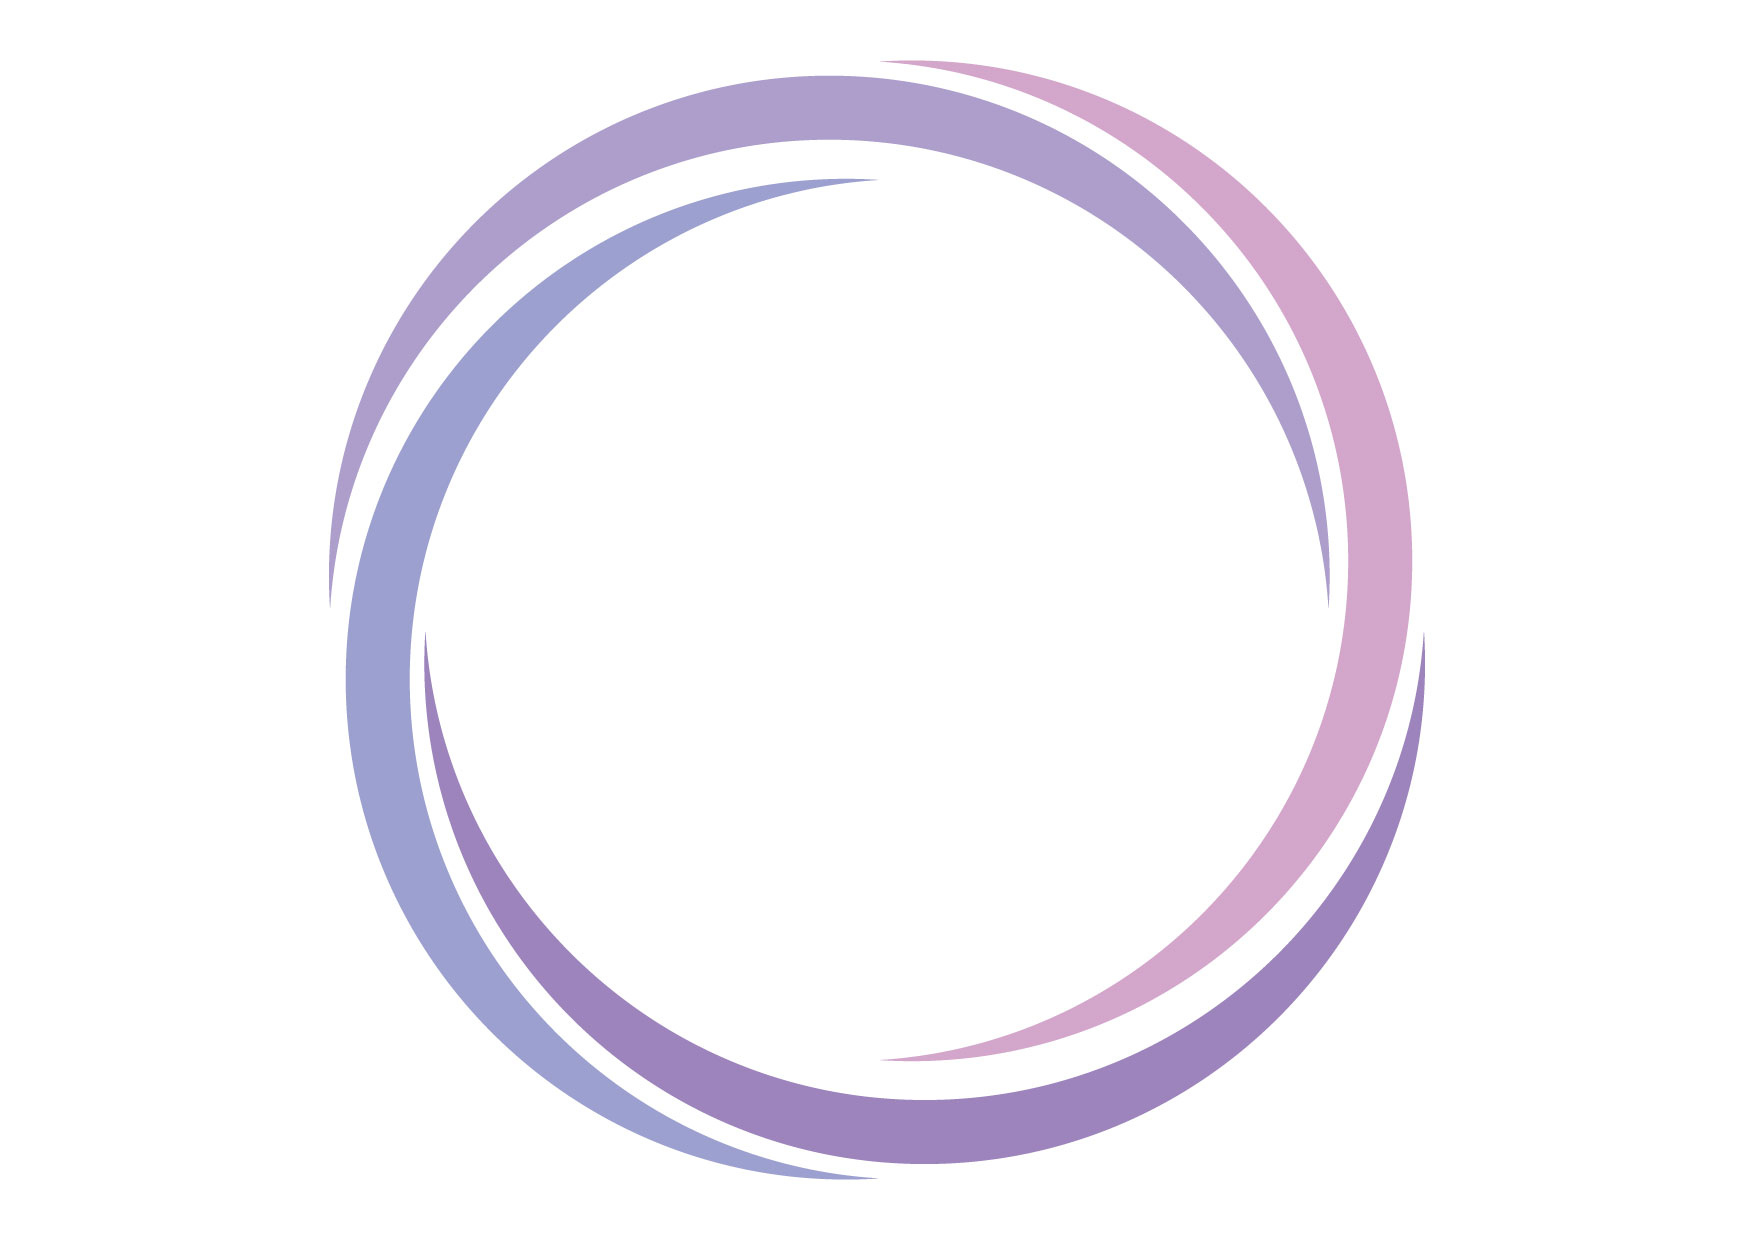 可愛いイラスト無料|フレーム スパイラル 紫 背景 − free illustration Frame spiral purple background